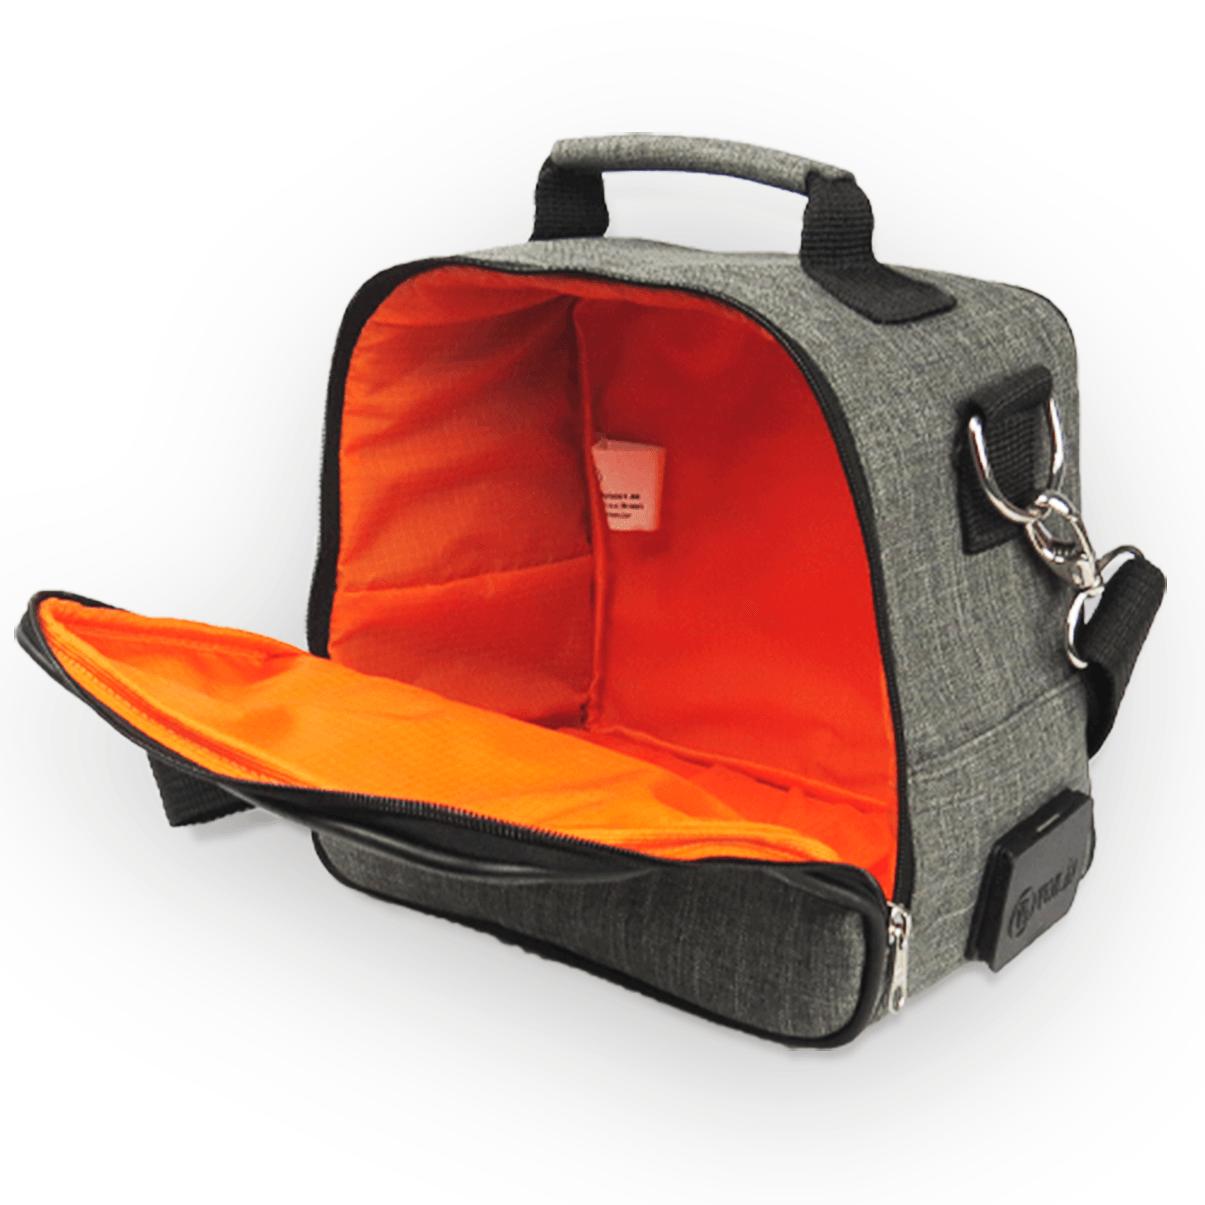 Bolsa Elétrica Voilà! Bag - Cosmopolitan em Linho Importado Preto